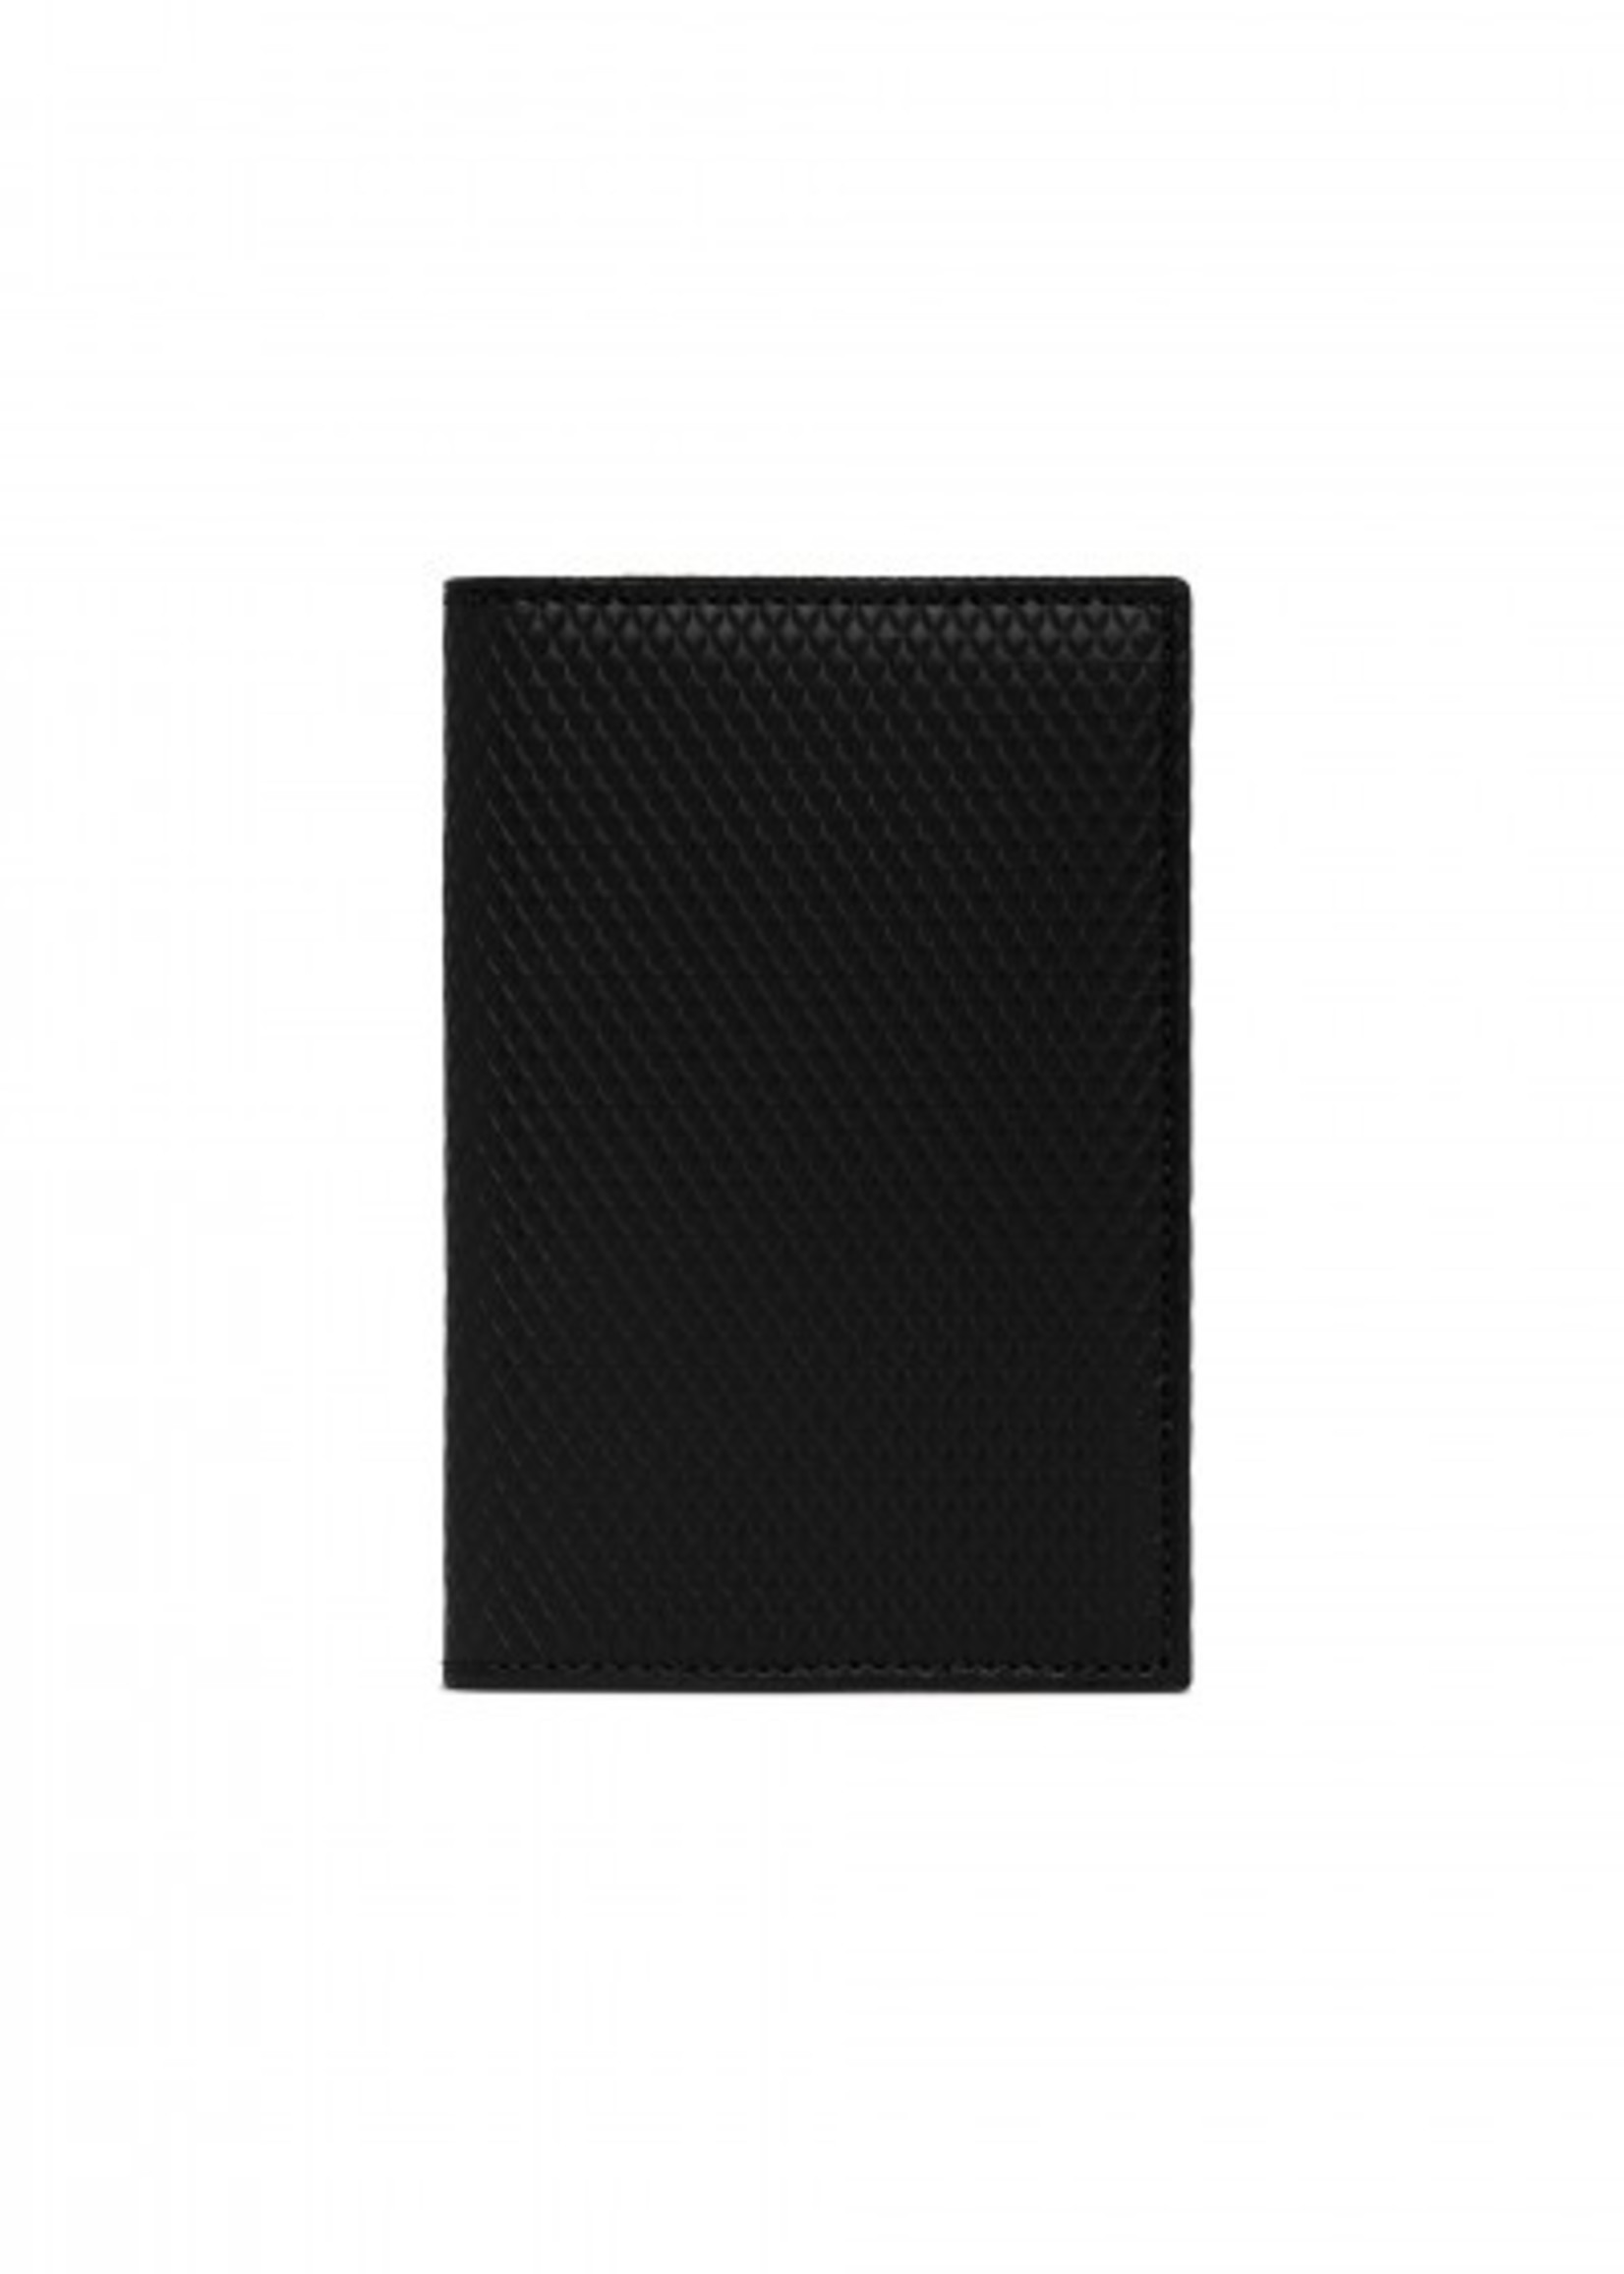 COMME des GARÇONS WALLET Card Holder Lux Black Leather  SA6400LG